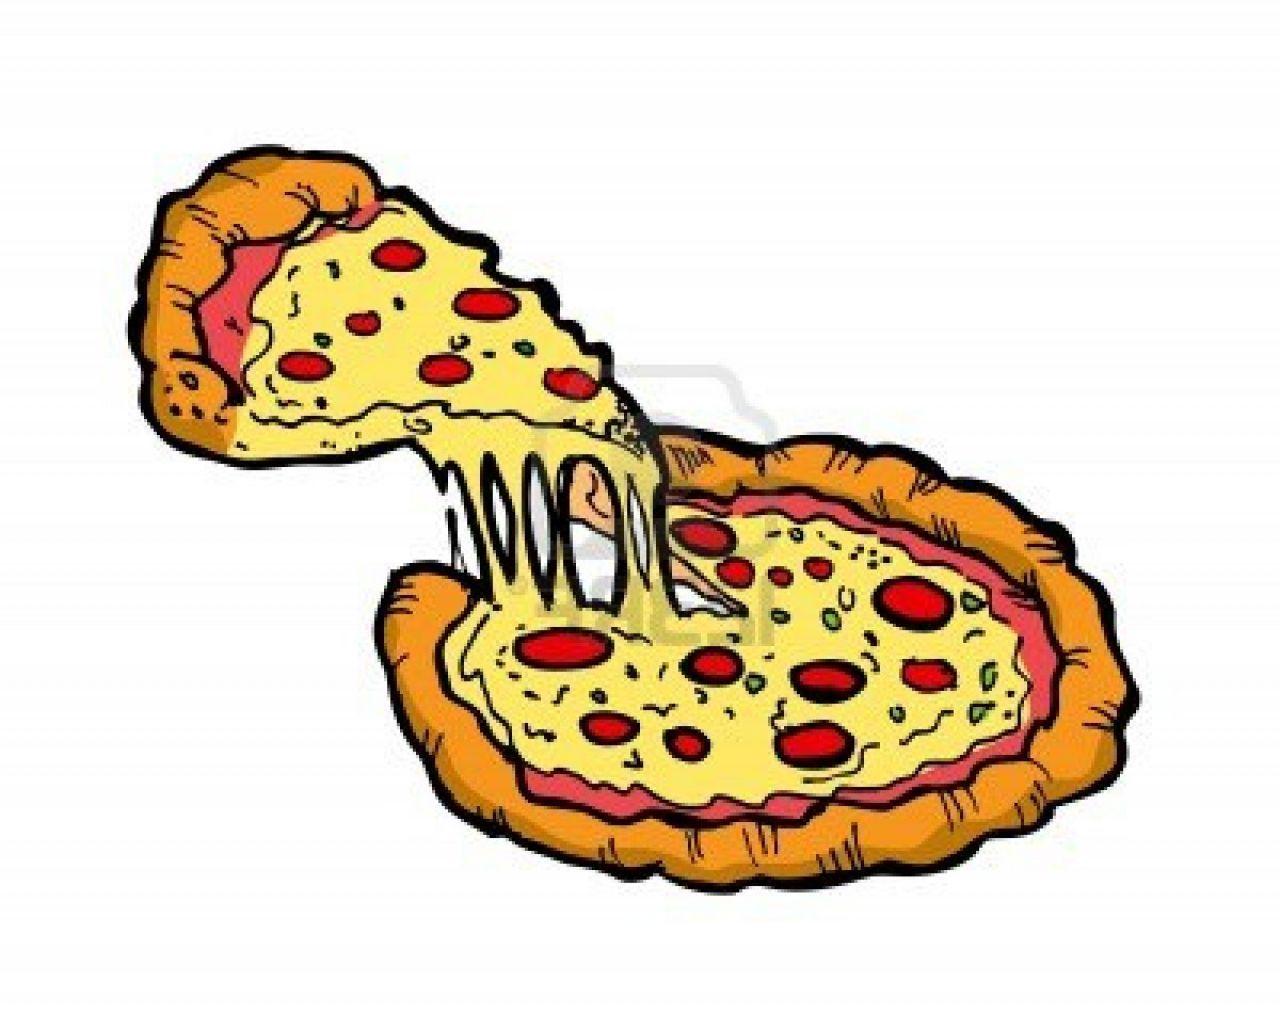 Pie clip art panda. Chips clipart pizza